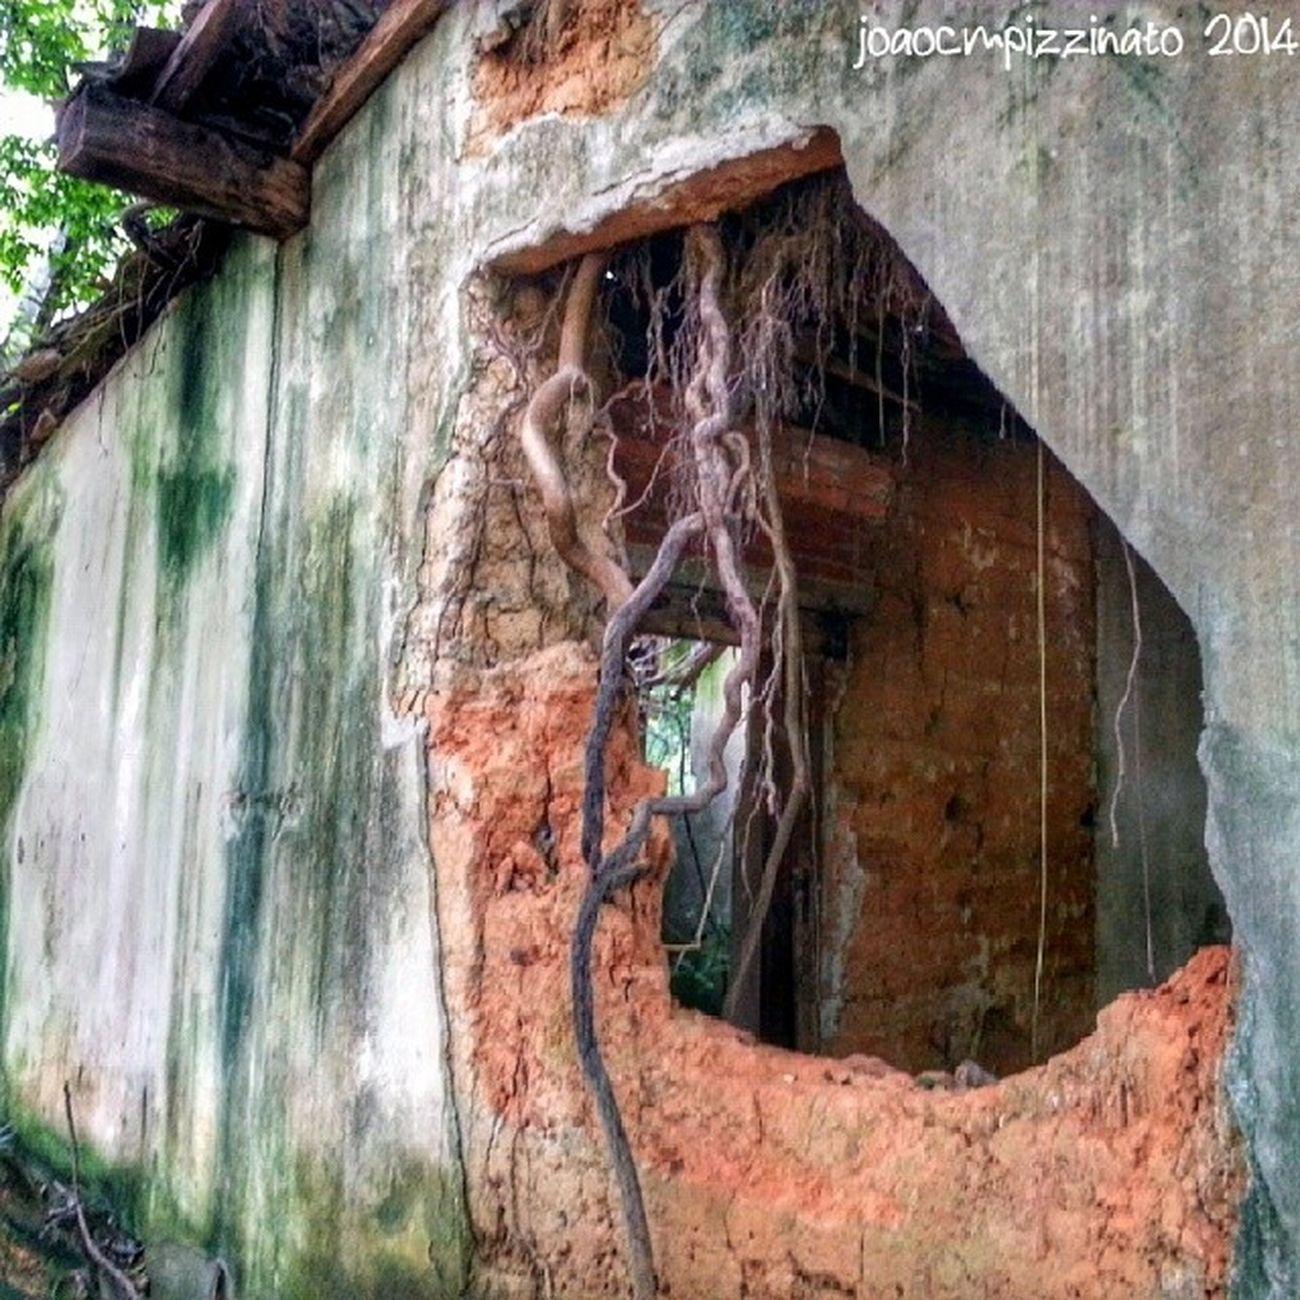 Capela de Santo Ignácio de Loyola: Local Parque Burle Marx. Chapel Ruins Nature Colors oldtime history city zonasul saopaulo brasil photography burlemarx